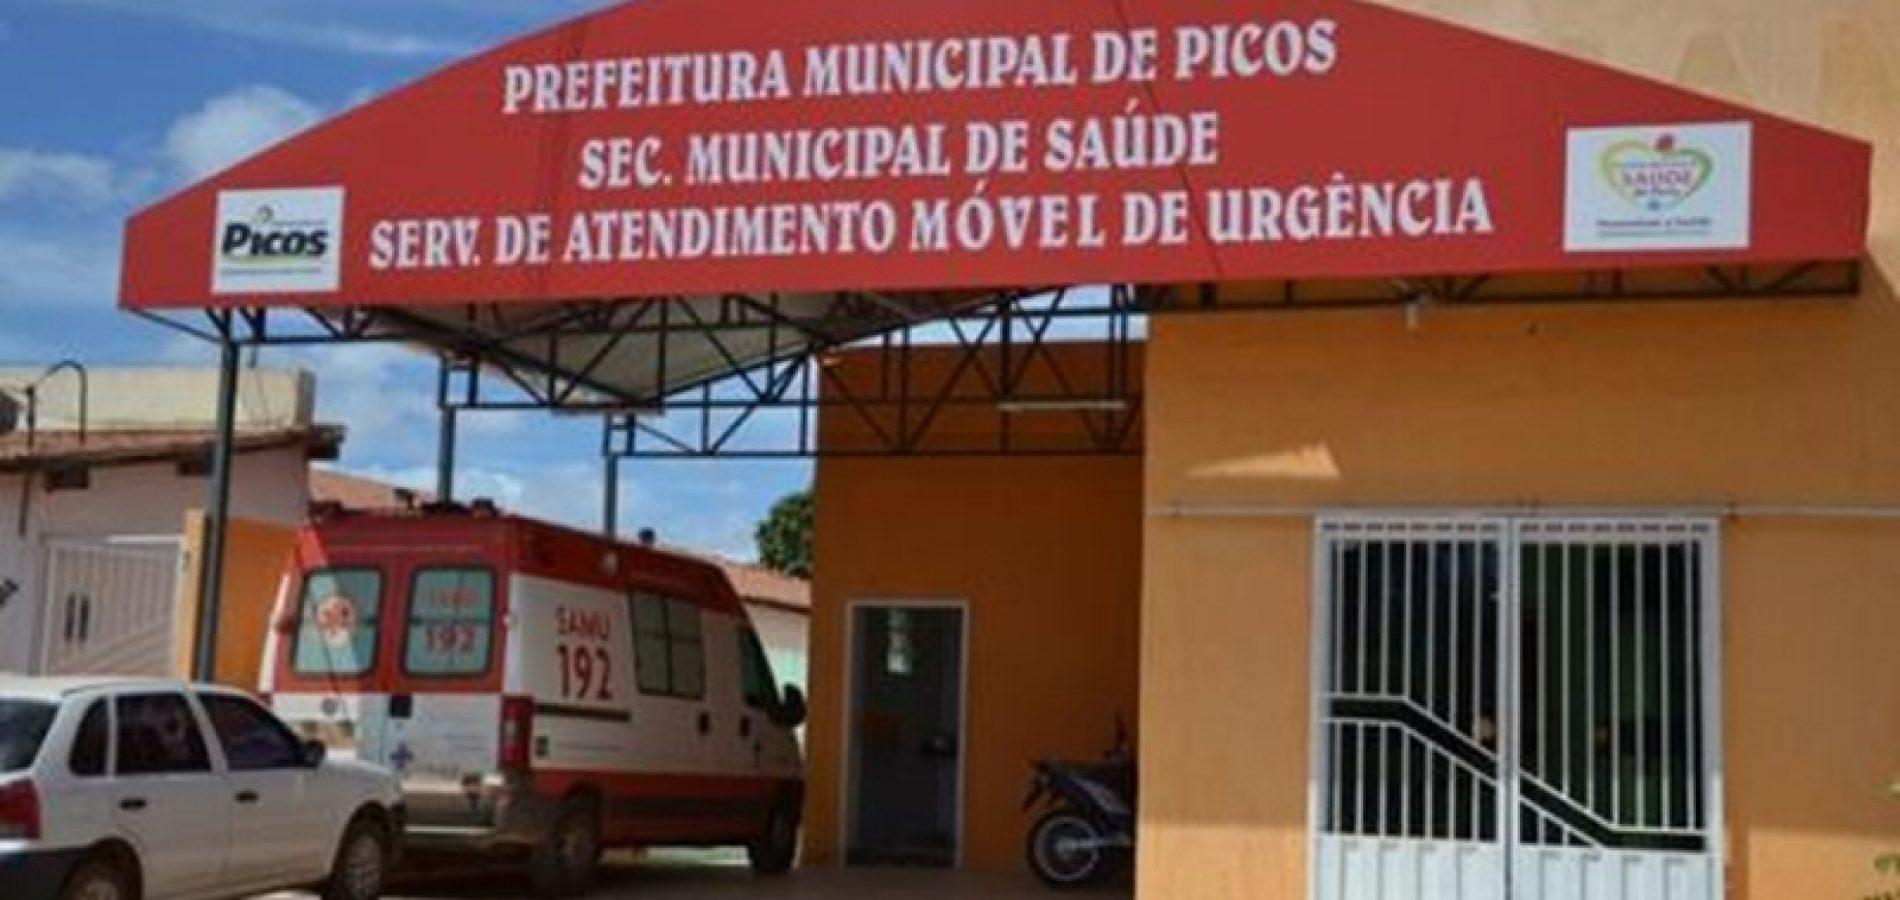 PICOS | Sem condições de atender chamados, servidores do SAMU emitem nota de esclarecimento